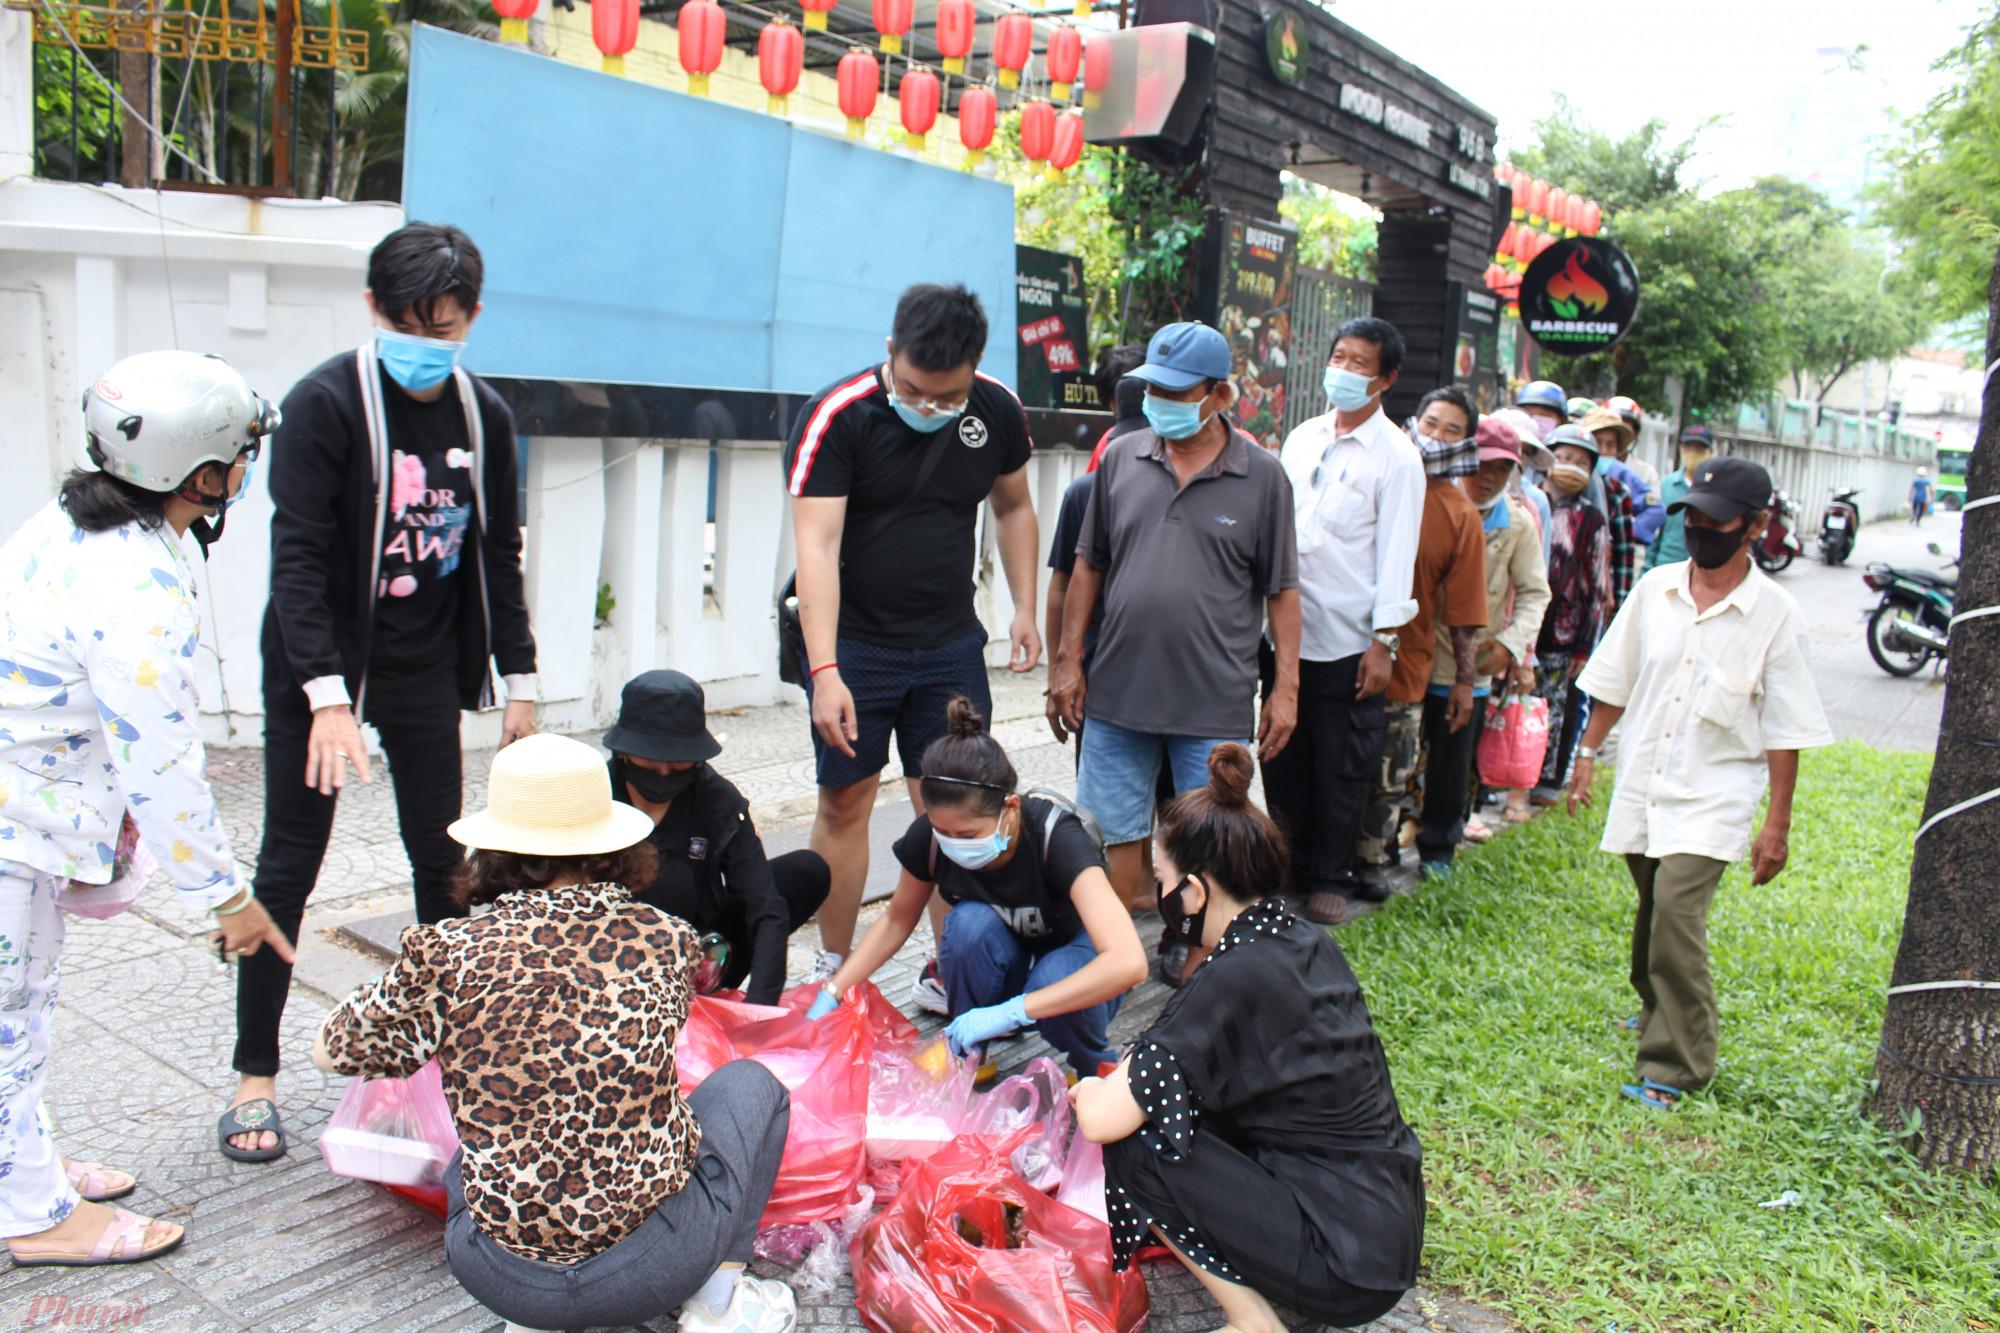 Người nghèo xếp hàng ngay ngắn, tuân thủ quy định phòng dịch bệnh COVID-19 trong lúc chờ phát cơm miễn phí trên đường Nguyễn Trung Trực, quận 1, TPHCM.